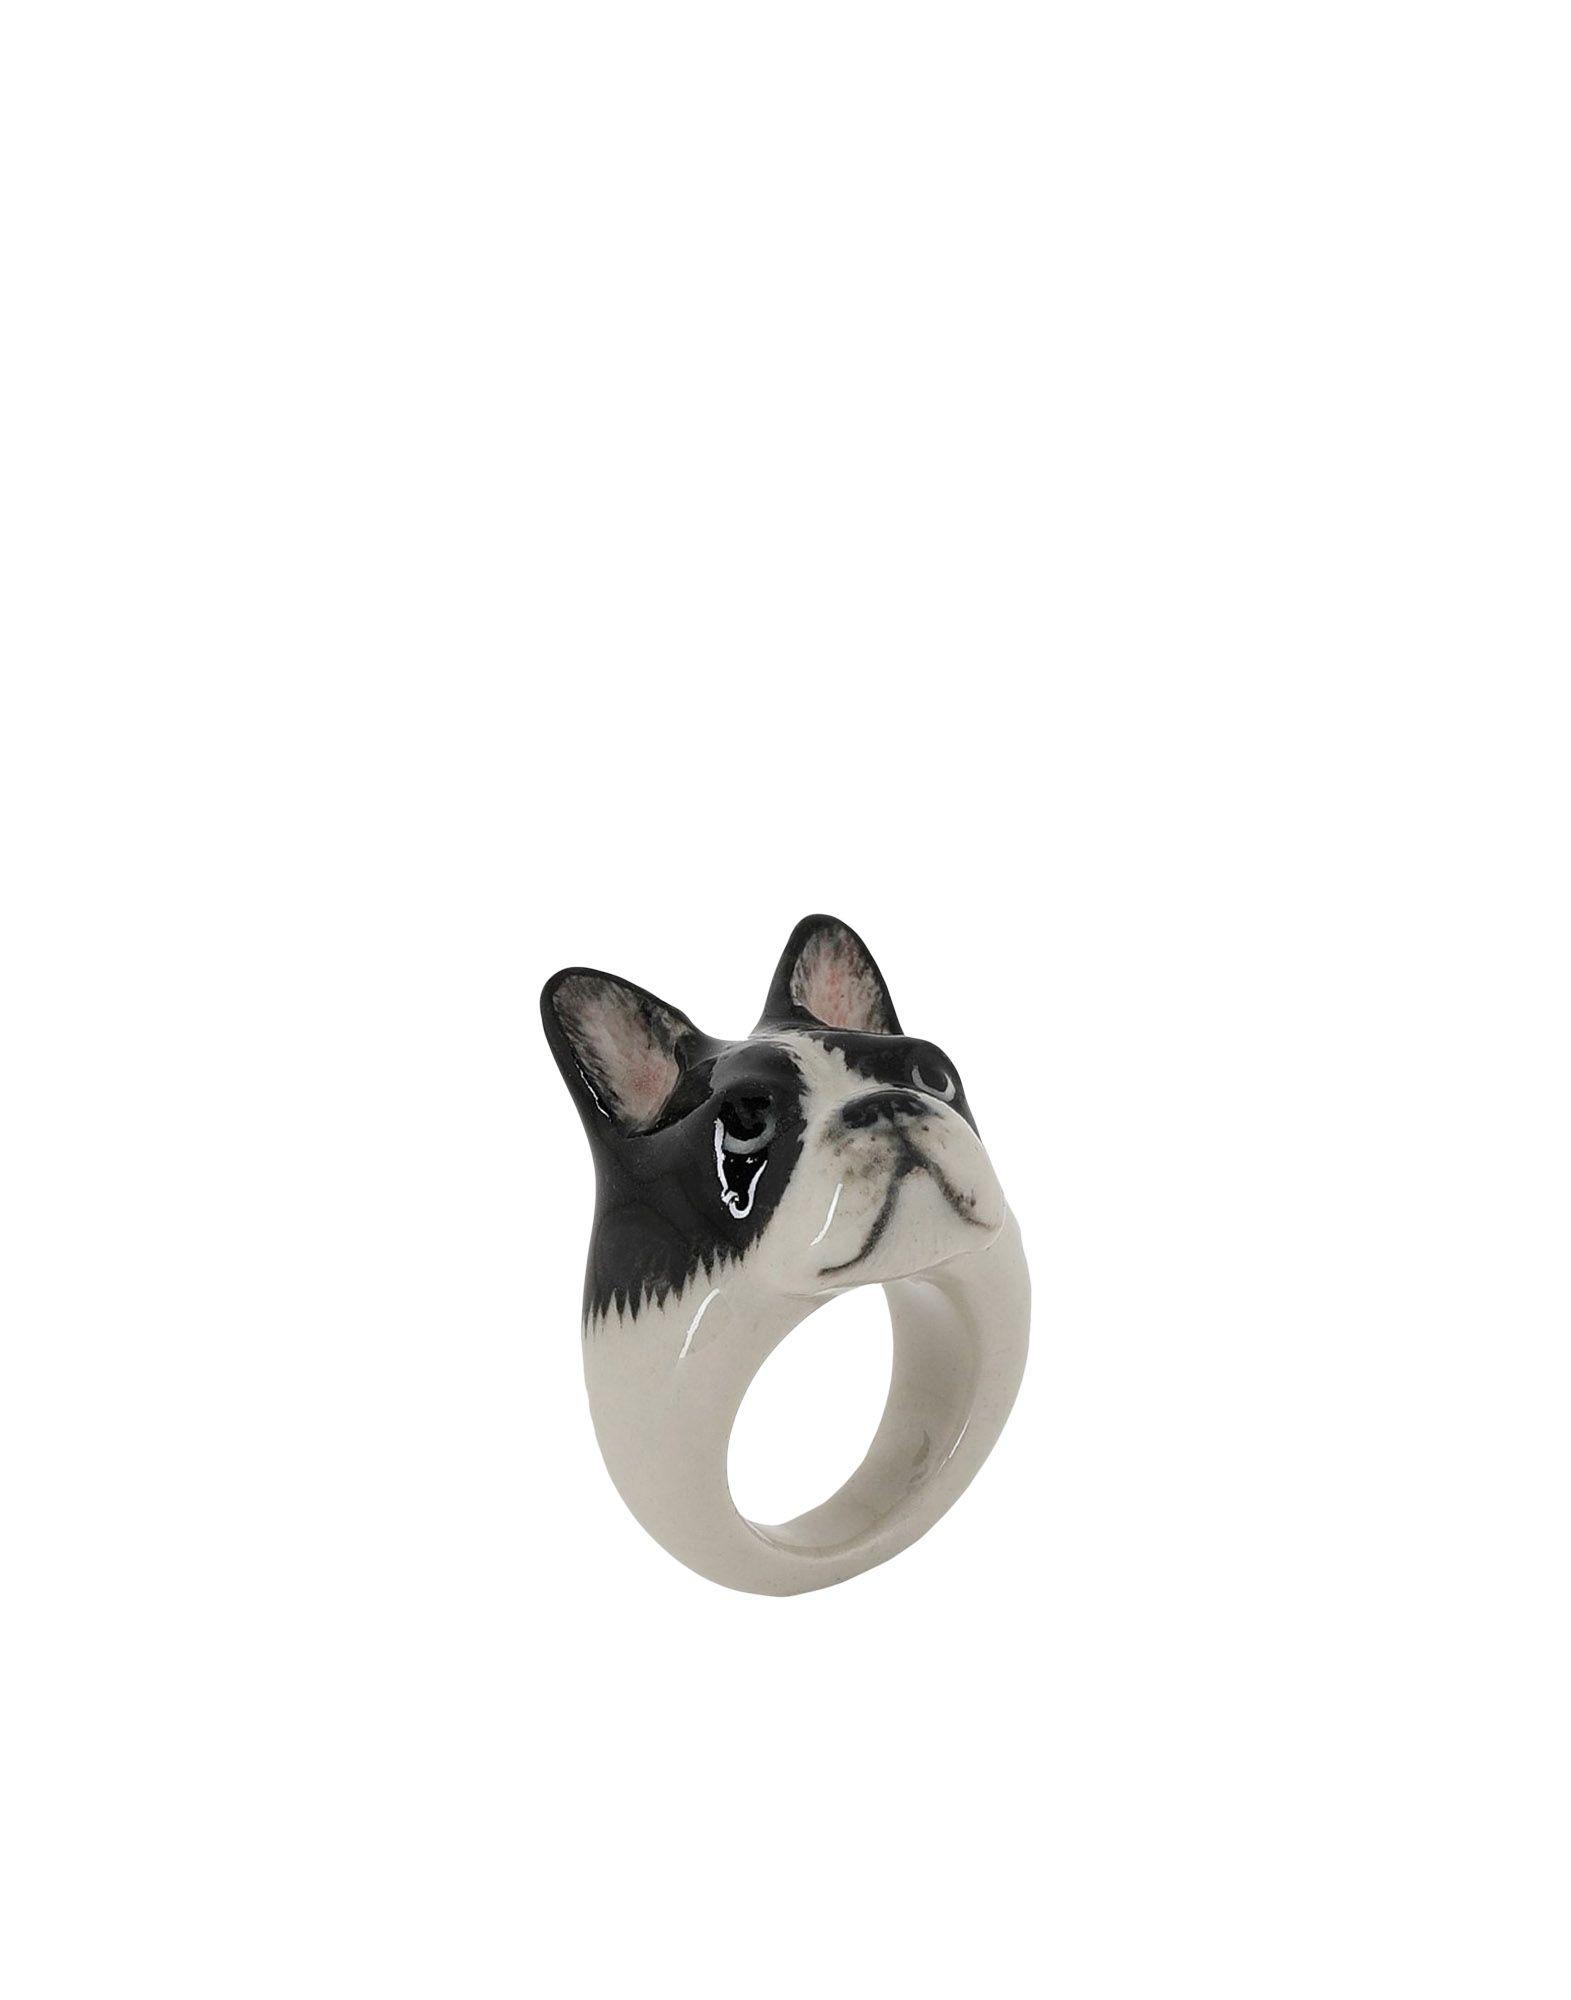 《期間限定 セール開催中》NACH レディース 指輪 ブラック M セラミック 100% Black & White French Bulldog ring